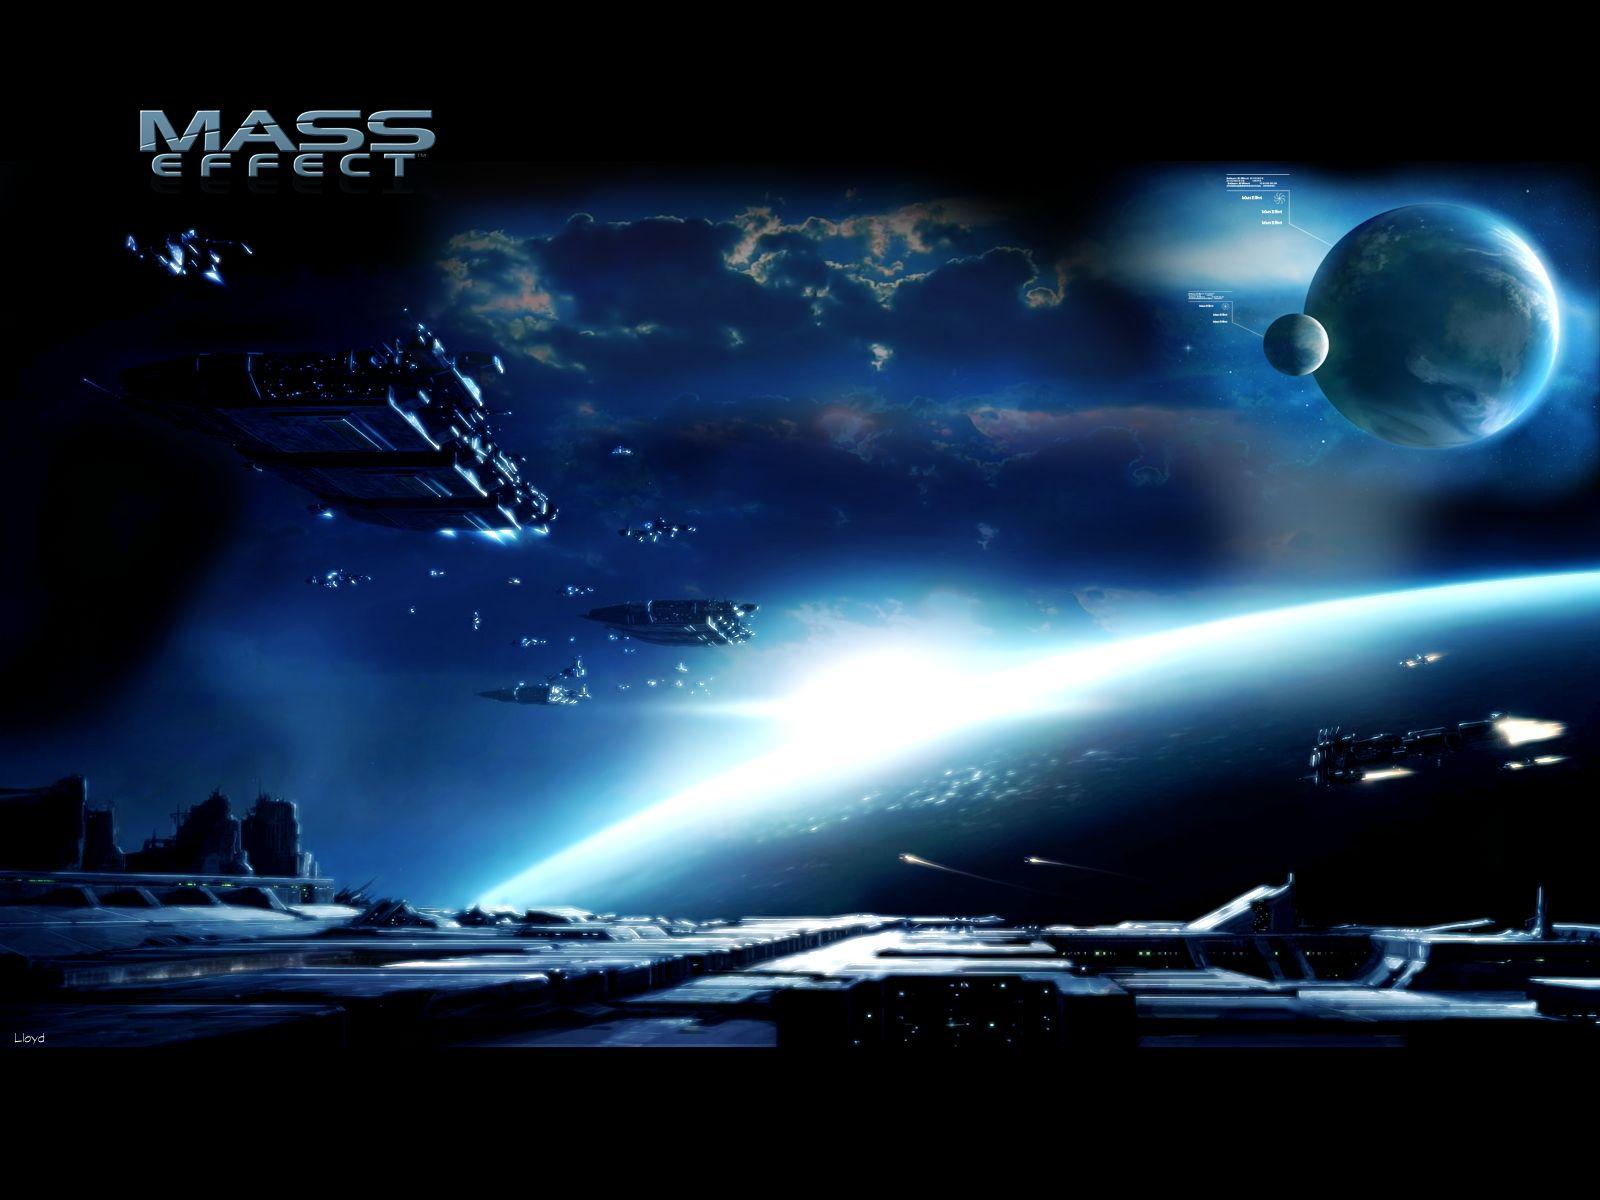 http://1.bp.blogspot.com/_nLgKI7QO1QY/S7X93ehoHXI/AAAAAAAAACM/f0zxE8-NSzY/s1600/Mass_Effect_Wallpaper_2_by_igotgame1075.jpg